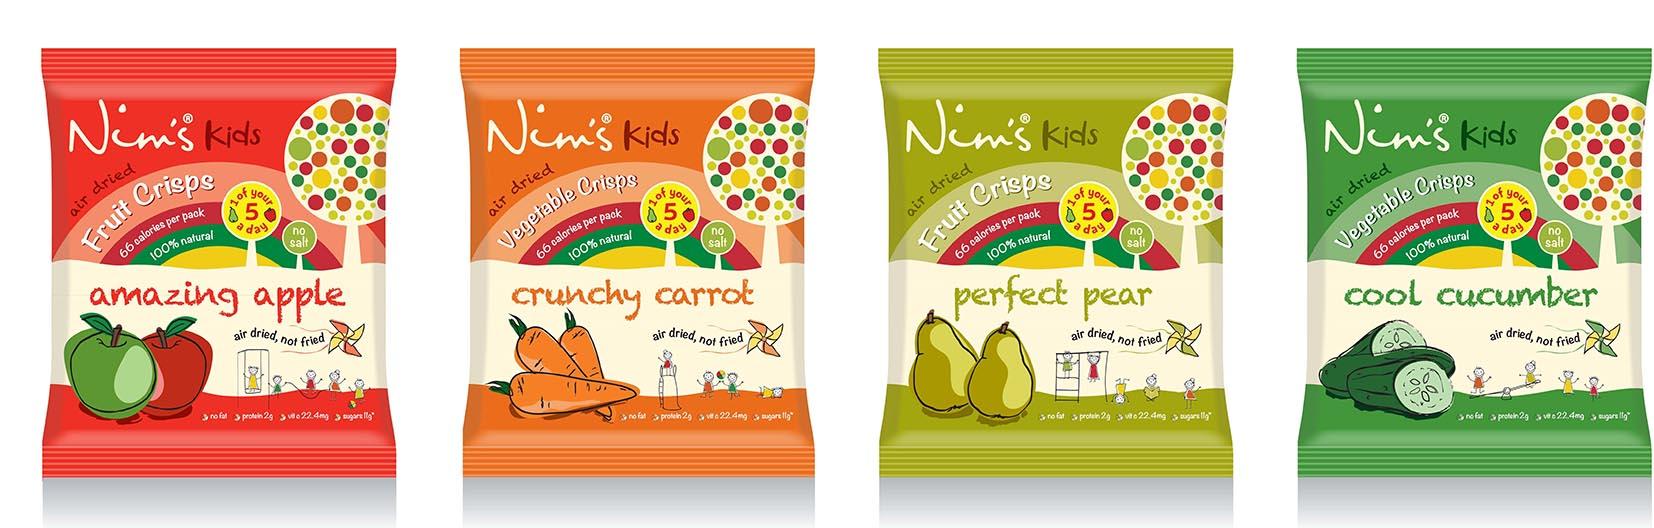 Nim's Fruit & Veg Crisps Kids concept range - image courtesy of Nim's Fruit Crisps.